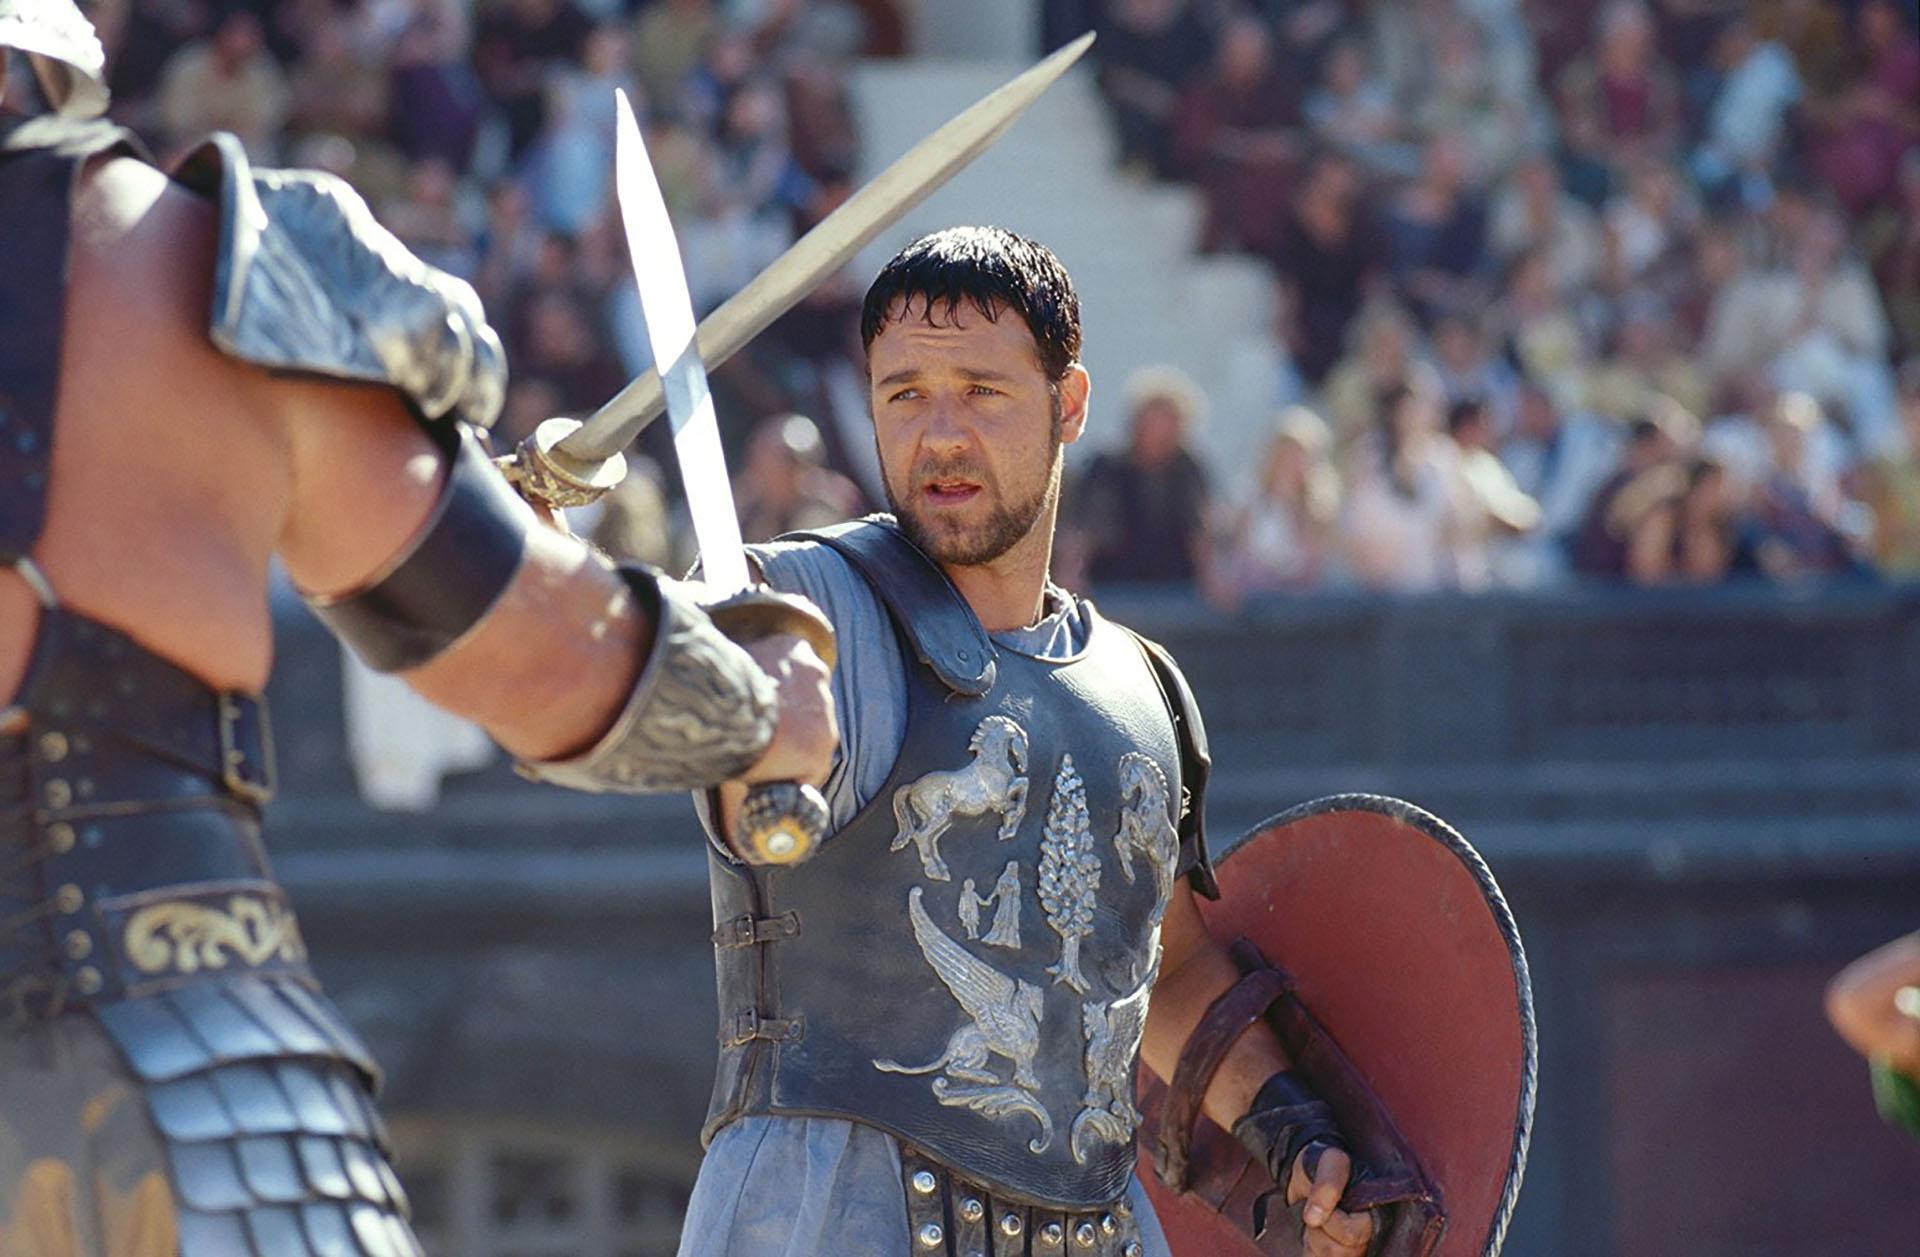 Gladiador (2001) – 58ª edición. Dirigida por Ridley Scott. Ganó 2 Globos de Oro: mejor película dramática y mejor banda sonora